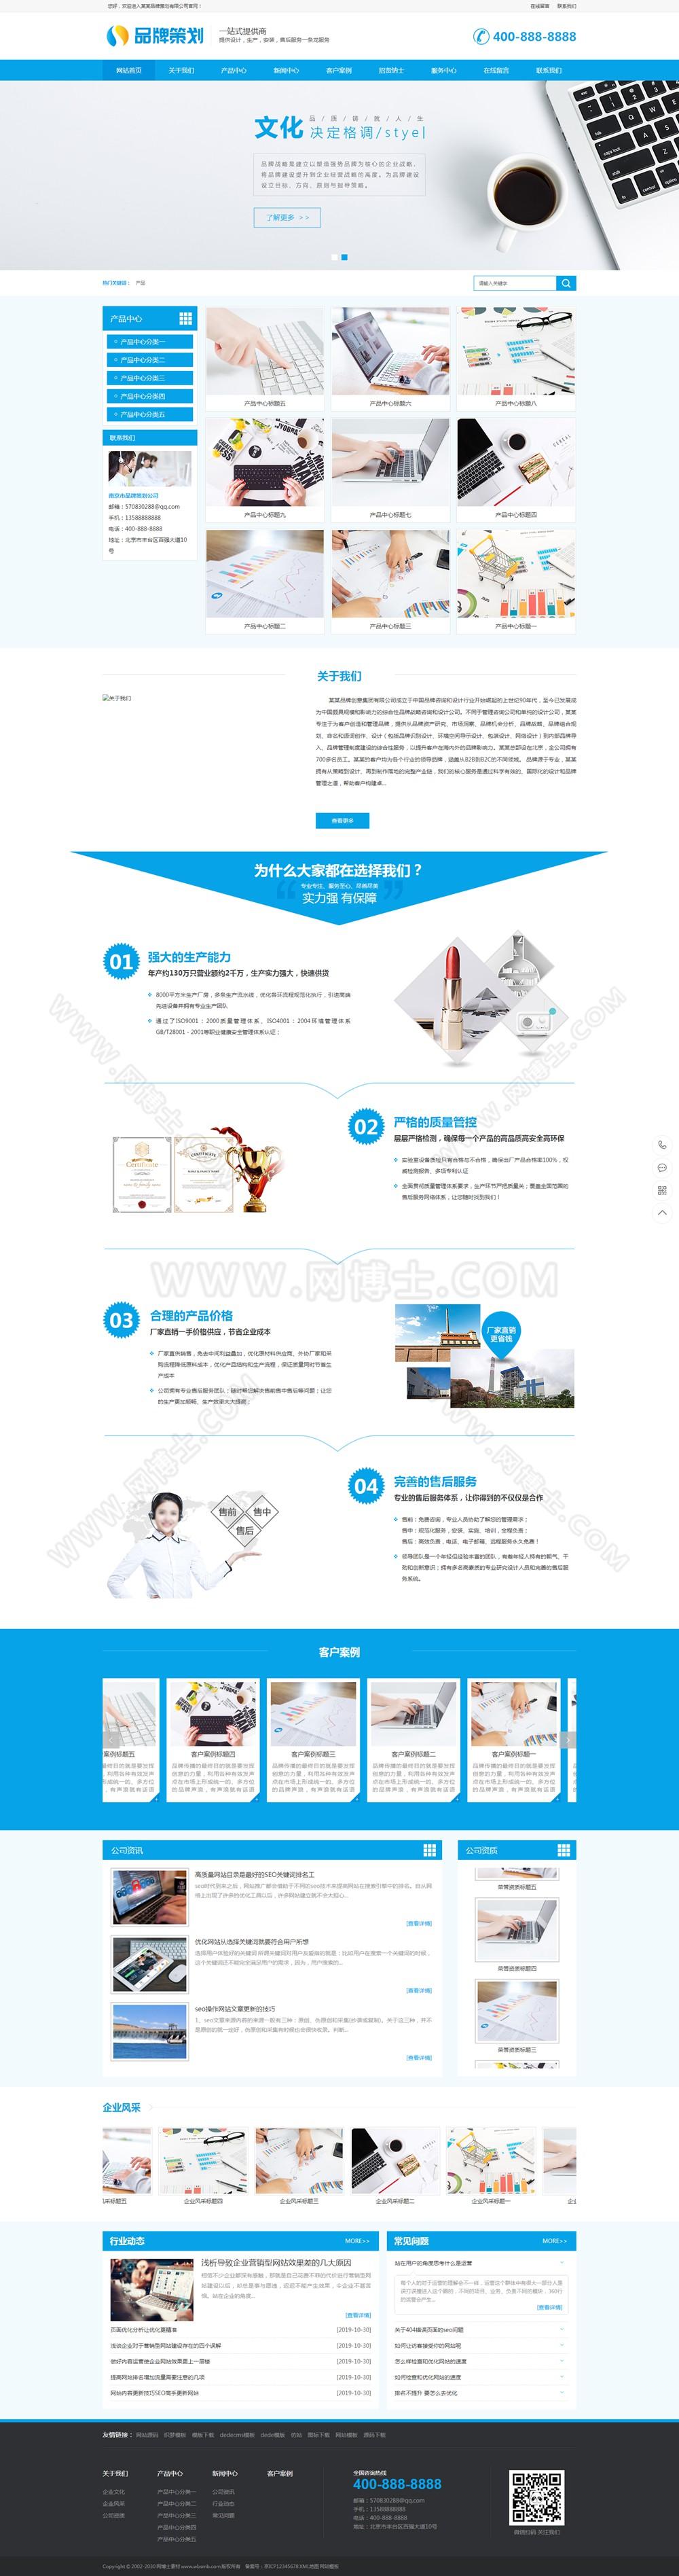 (带手机版数据同步)品牌策划设计企业通用类网站模板 蓝色营销型互联网策划类网站源码